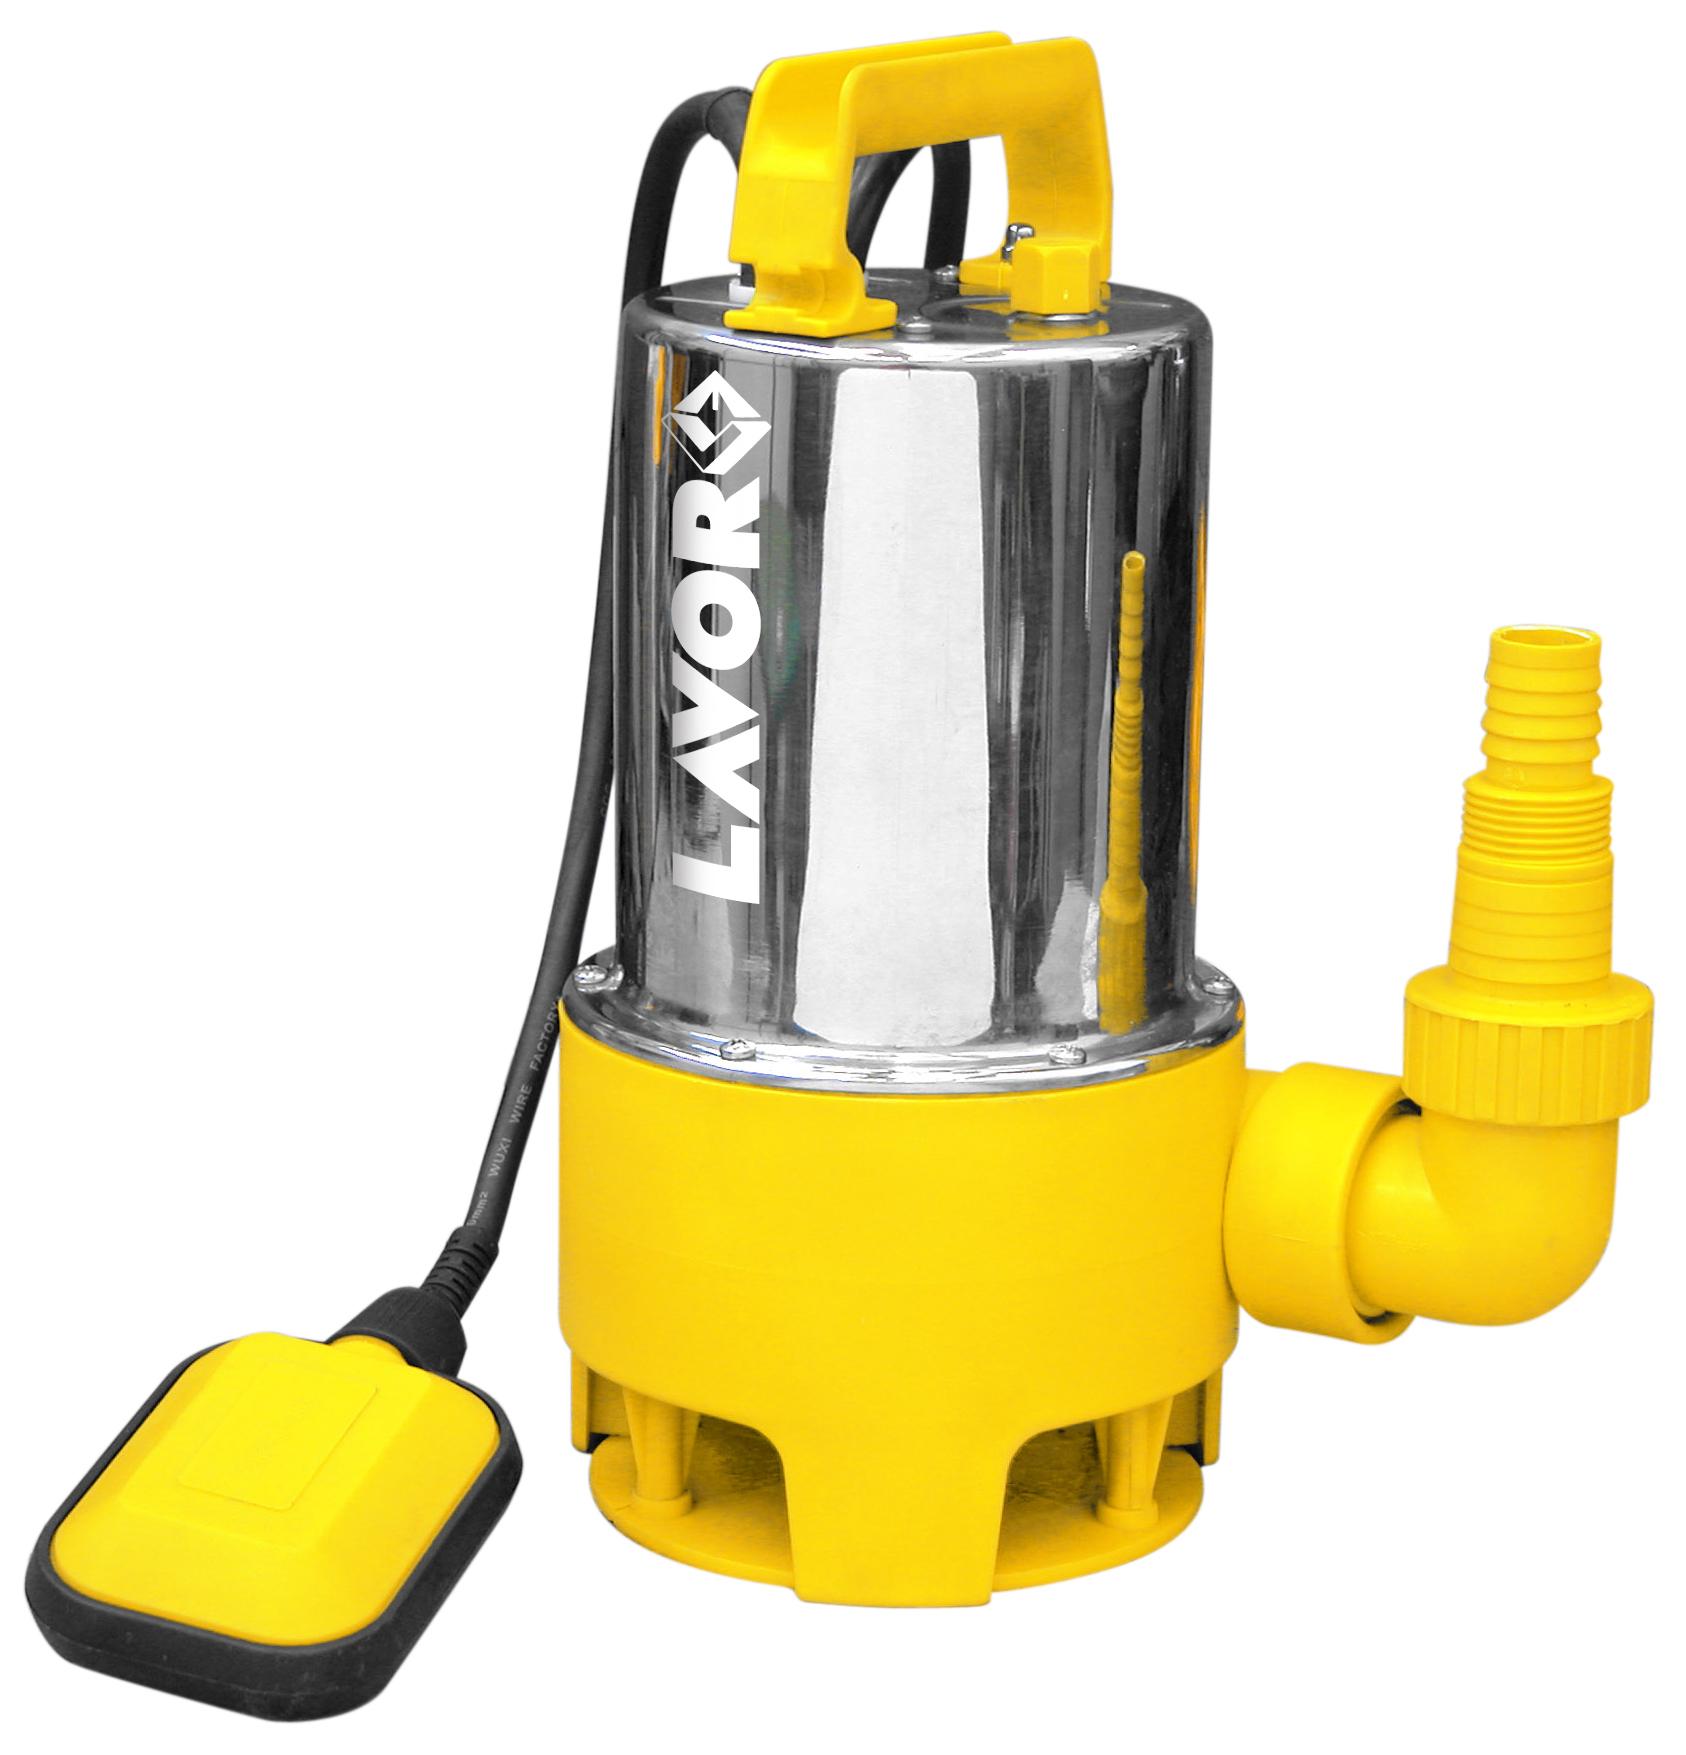 LAVOR Schmutzwasserpumpe Tauchpumpe Wasserpumpe Pumpe EDS-M 15000